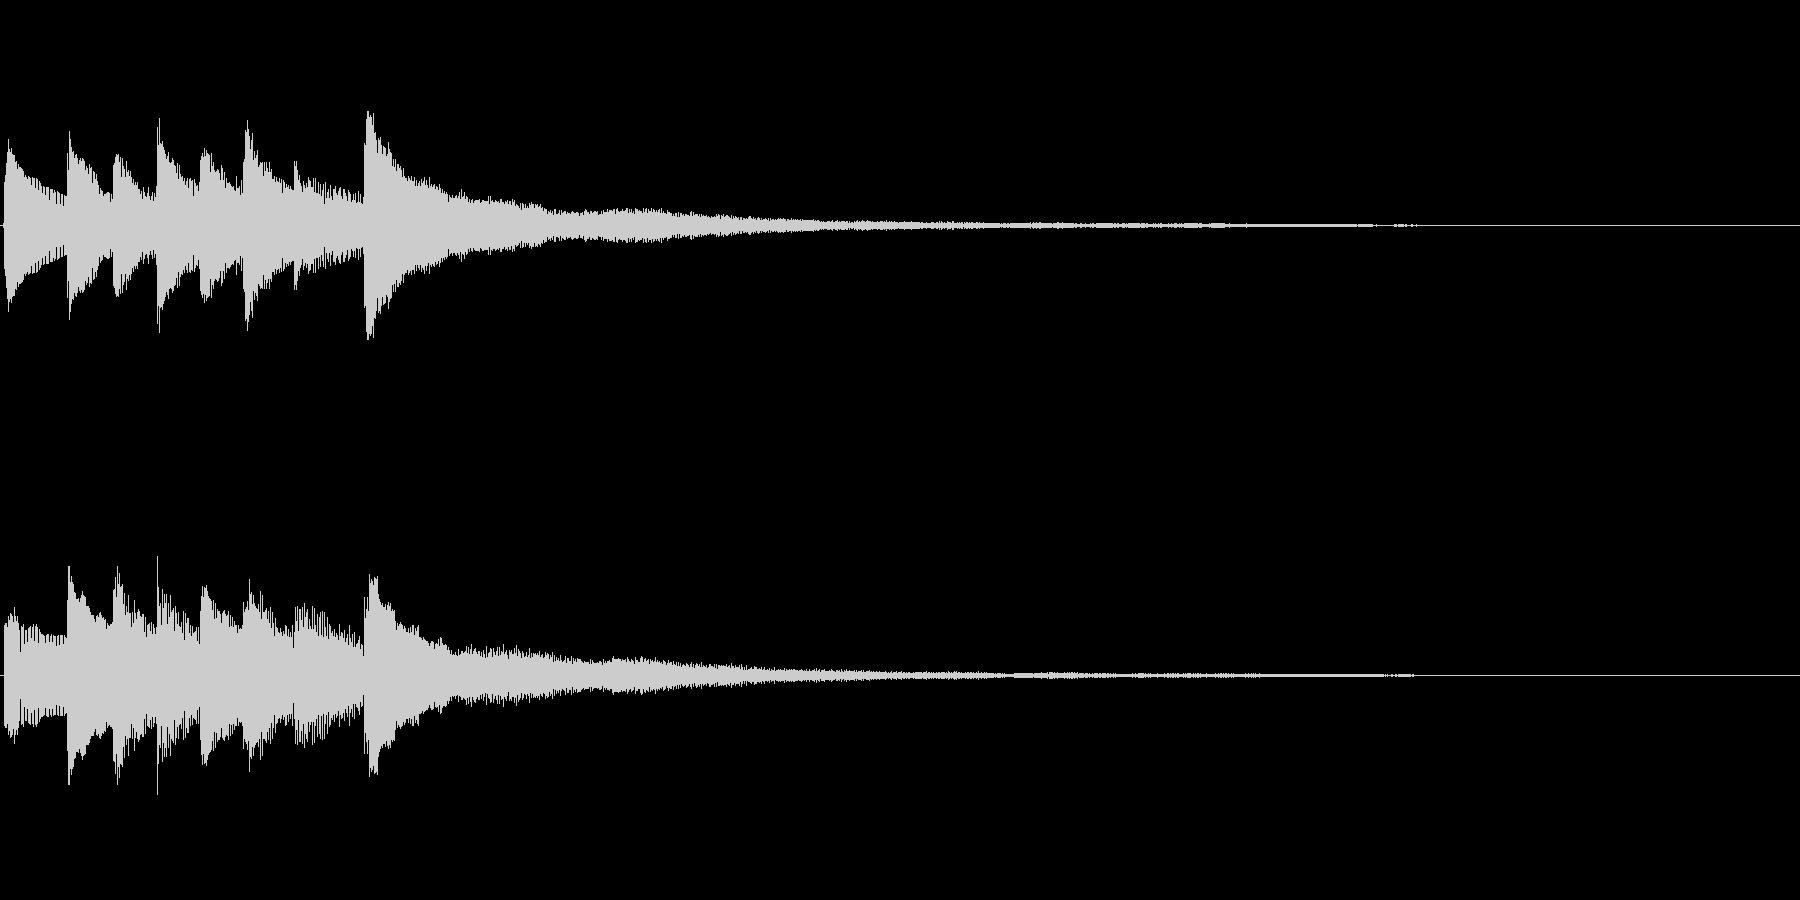 ピアノソロサウンドロゴ 優雅 大人 04の未再生の波形